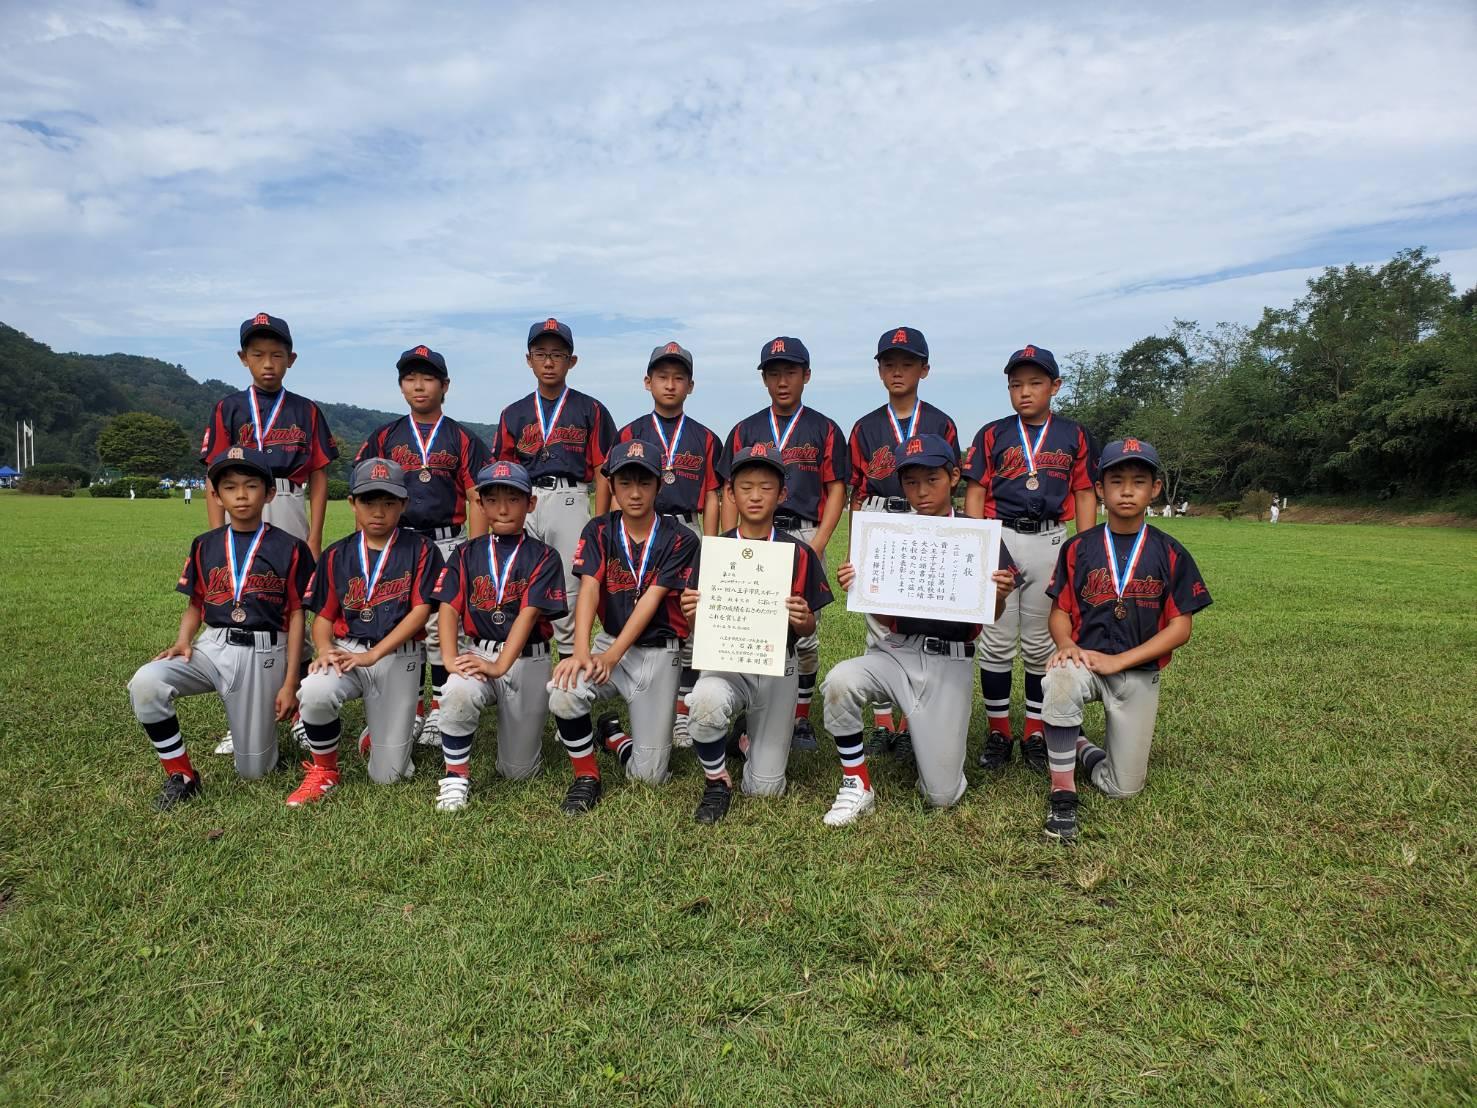 第44回 八王子市少年軟式野球 秋季大会 第三位・みなみ野ファイターズ 令和元年9月29日